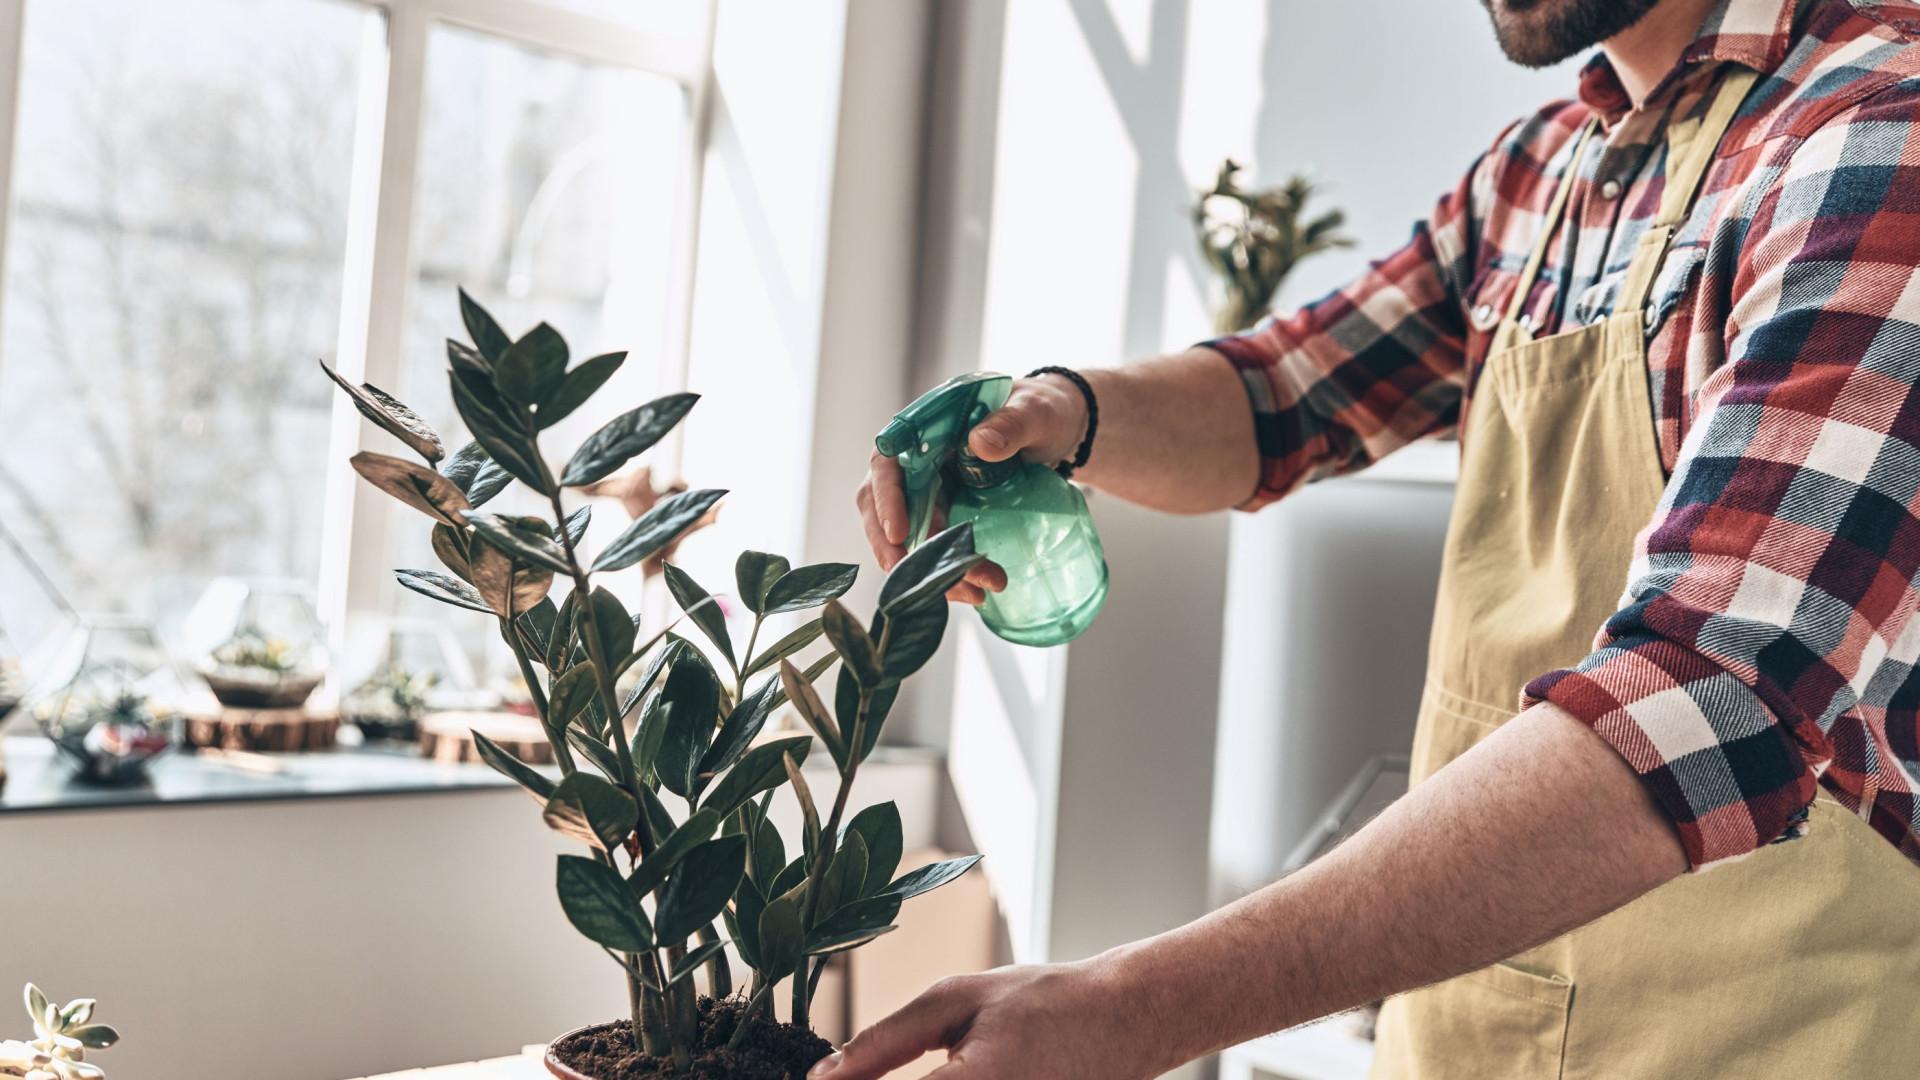 Pandemia e isolamento aumentam procura por cultivo de plantas em casa